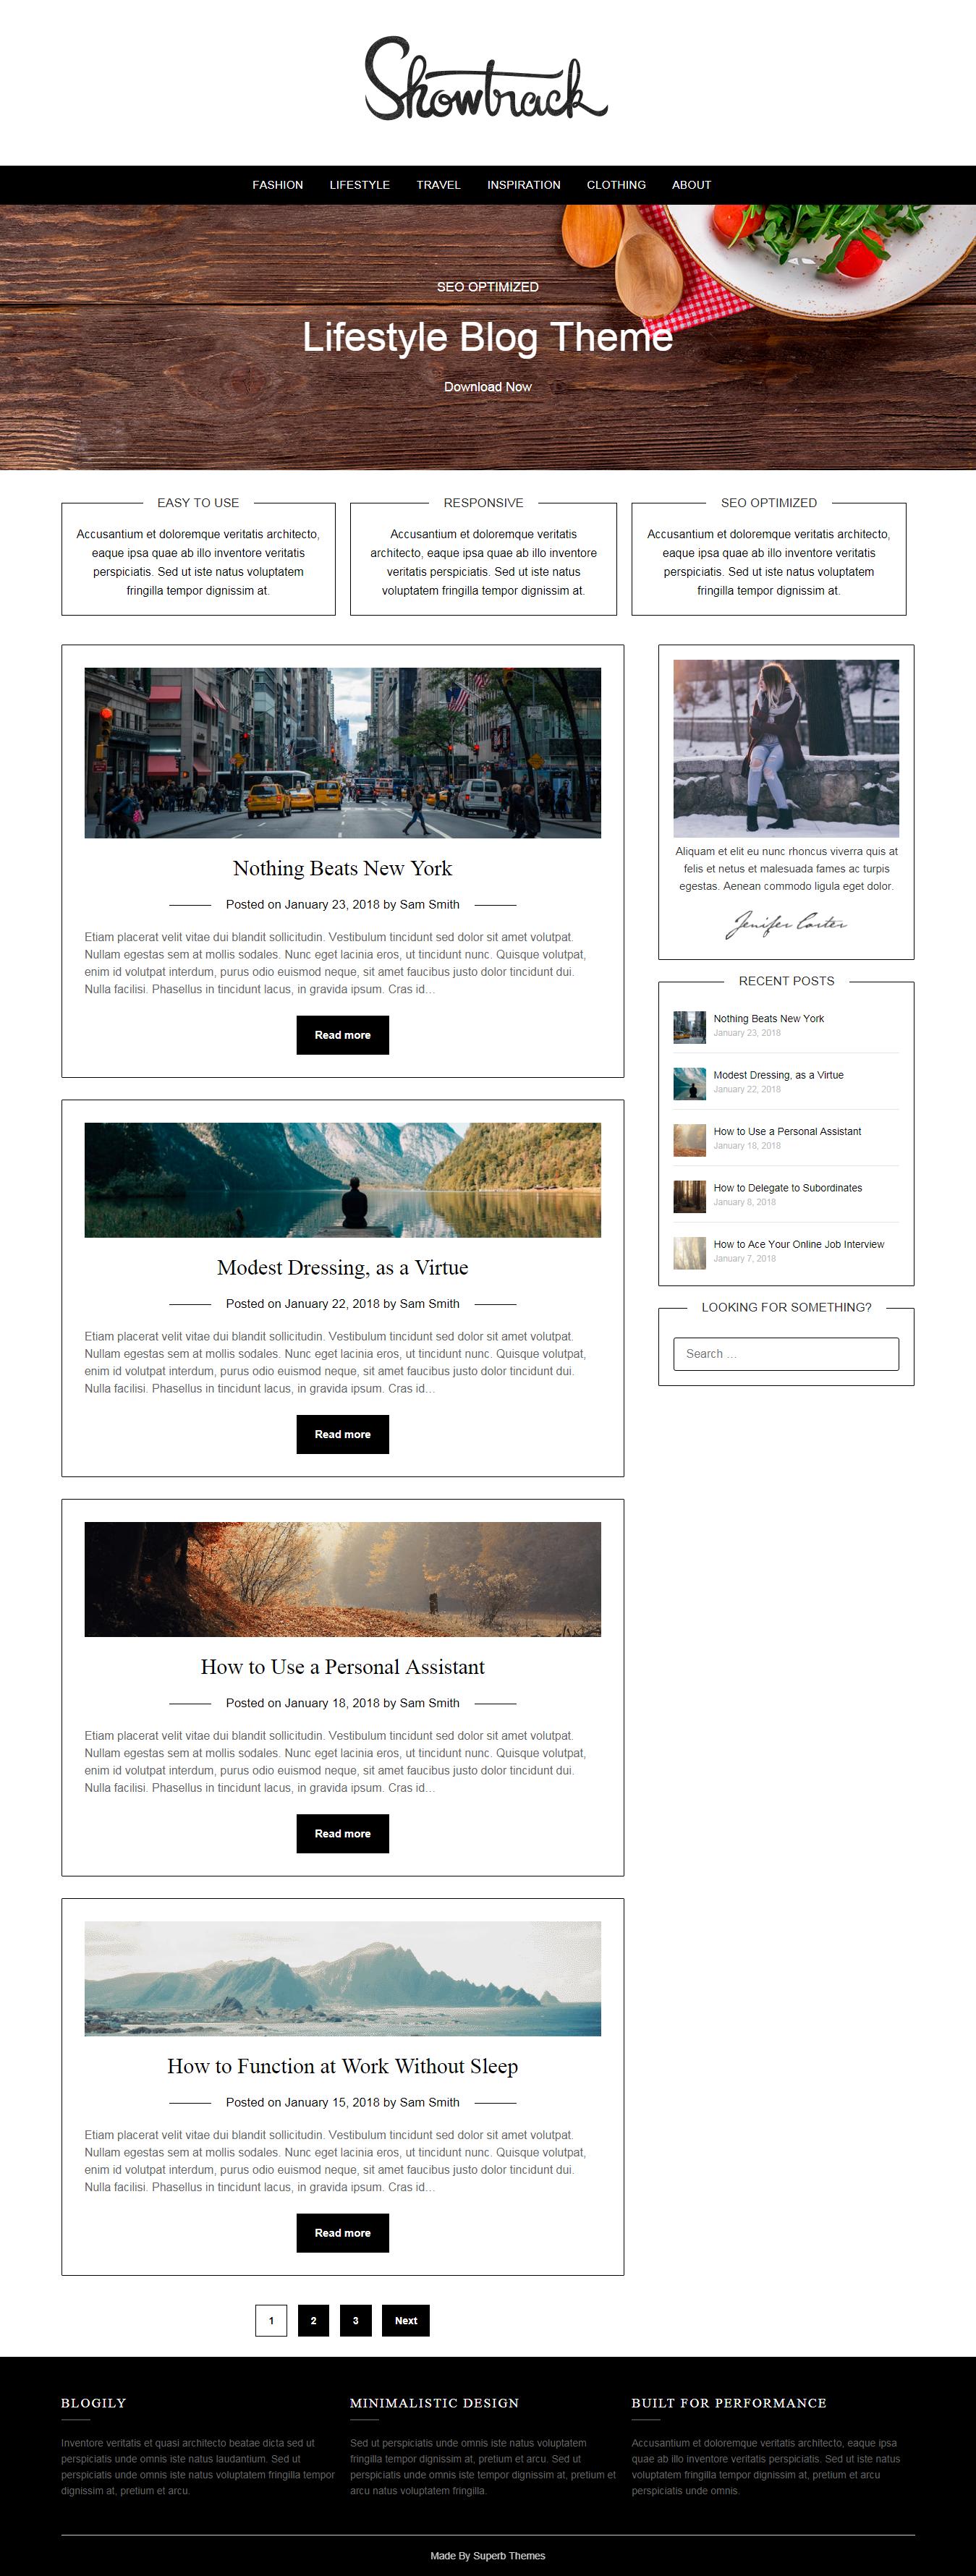 LifestylePress - El mejor tema de WordPress de estilo de vida gratuito